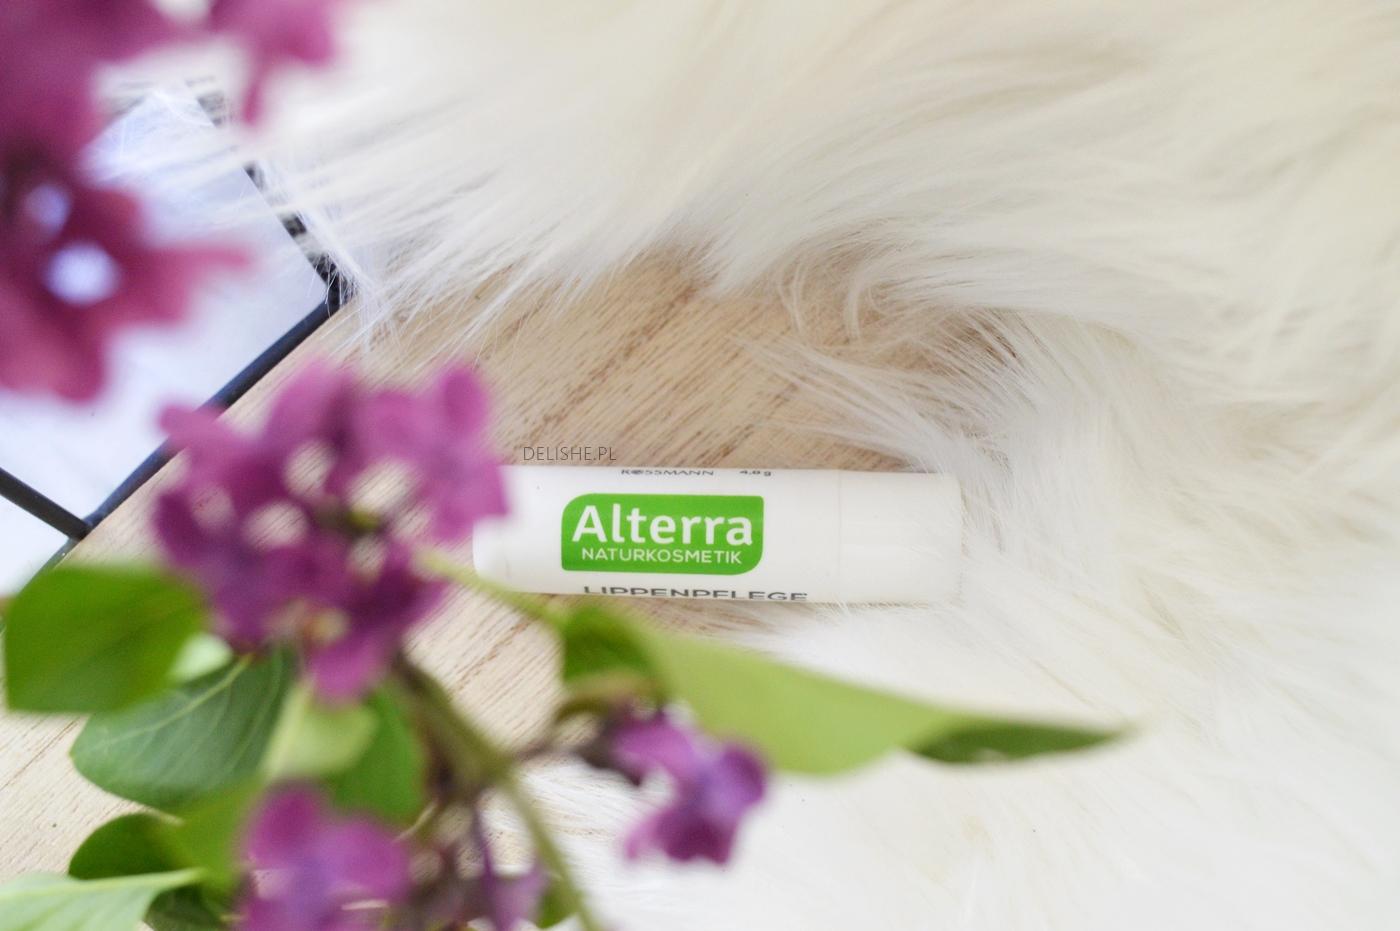 pewniaki kosmetyczne do pielęgnacji, rumiankowa pomadka alterra